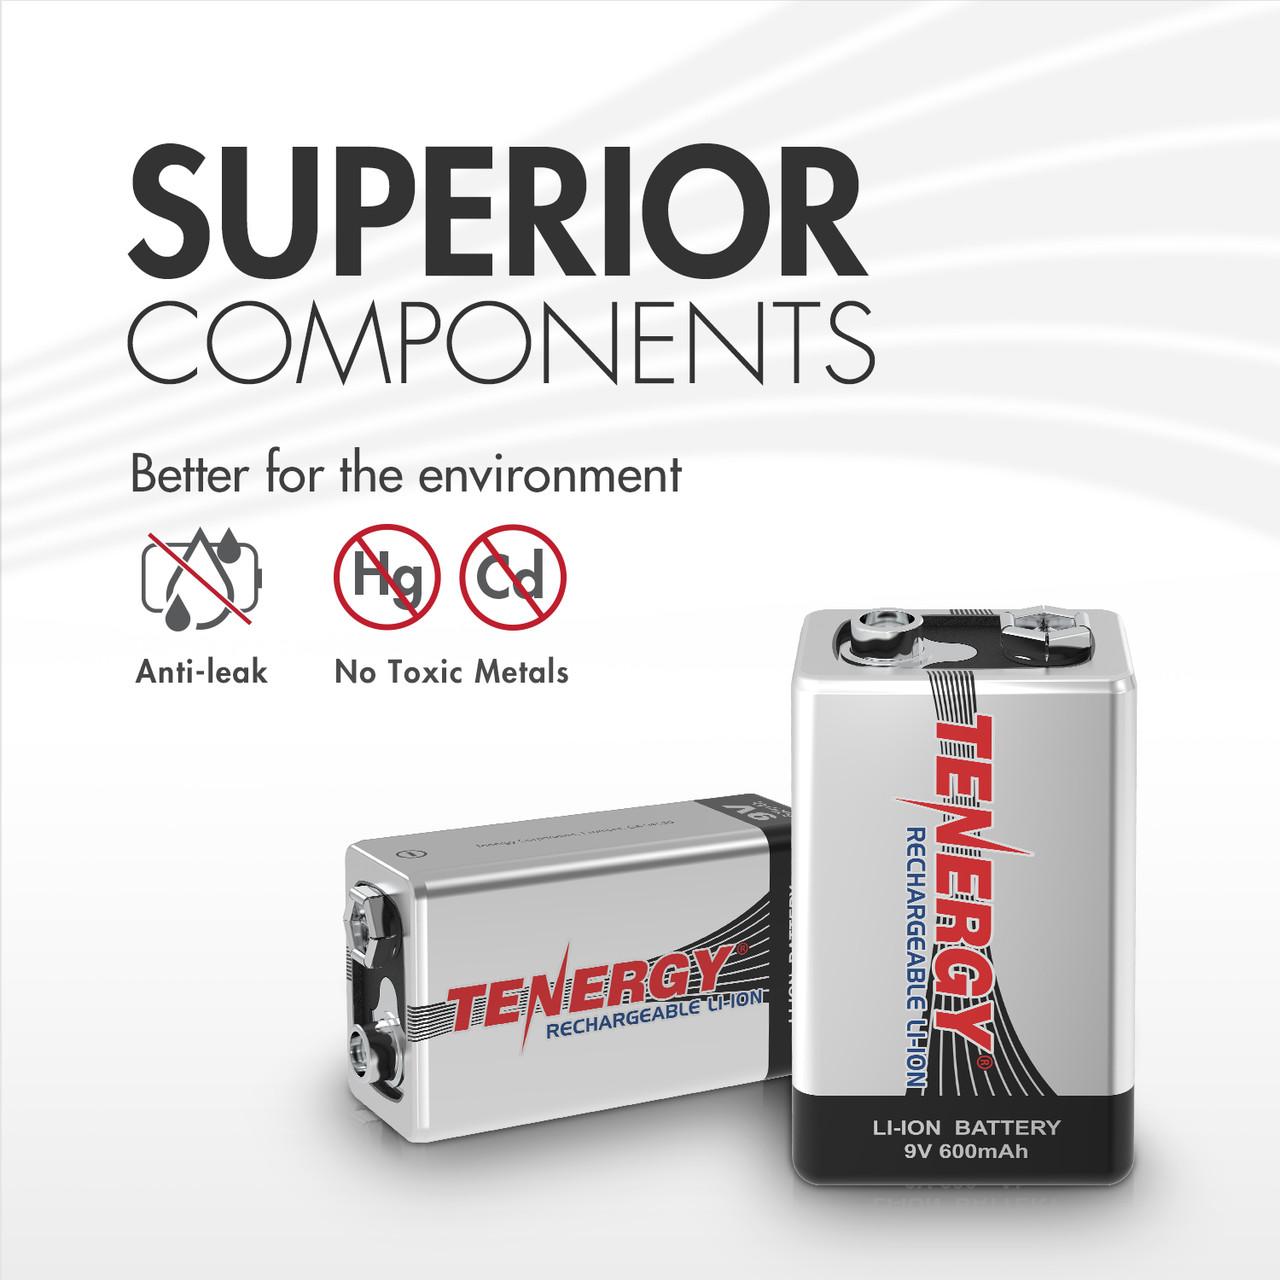 Tenergy 9V 600mAh Li-ion Rechargeable Battery